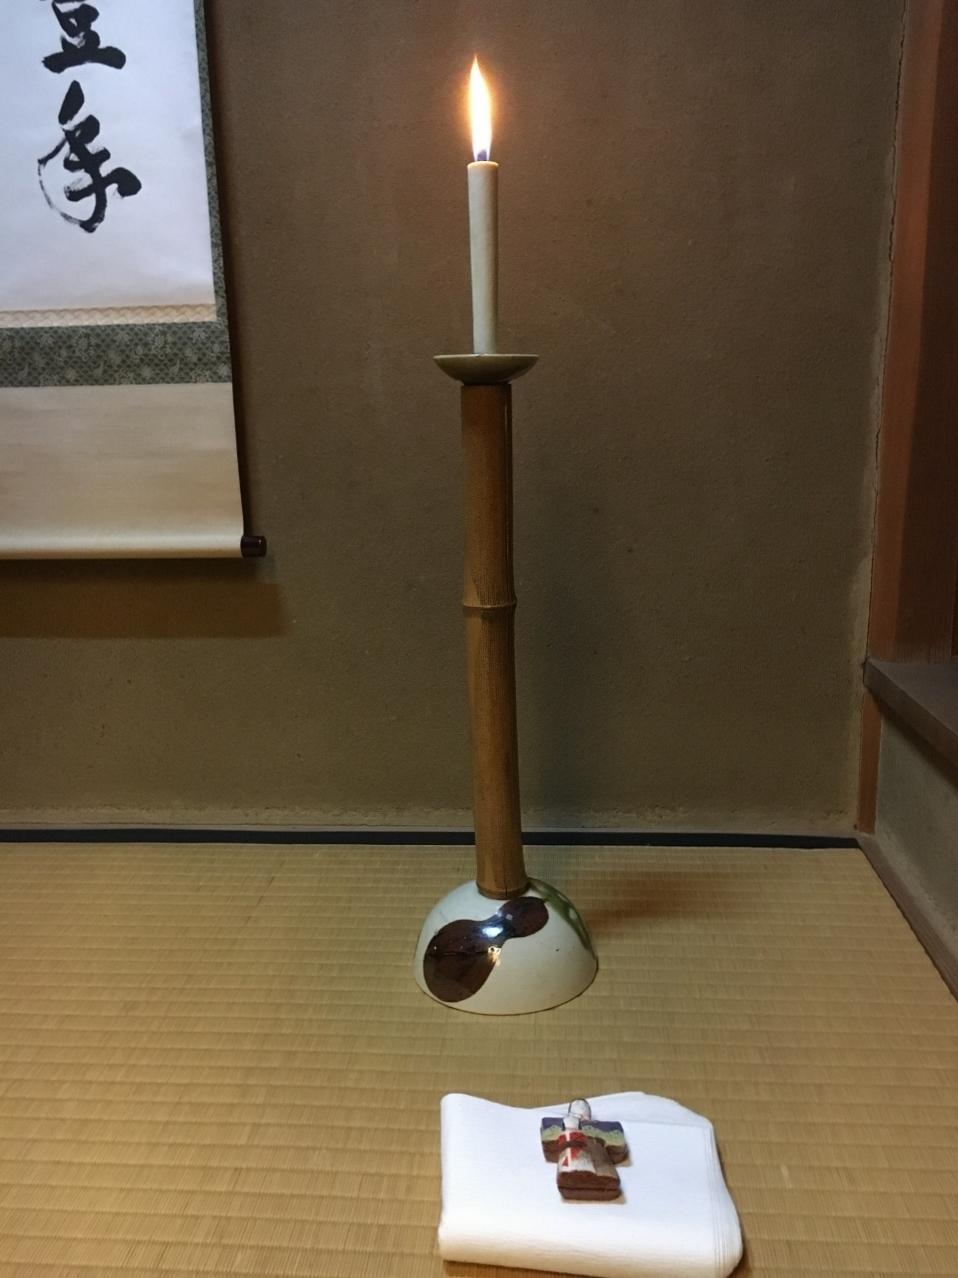 京都・奈良 冬の旅\'20 その2_e0326953_23090260.jpg